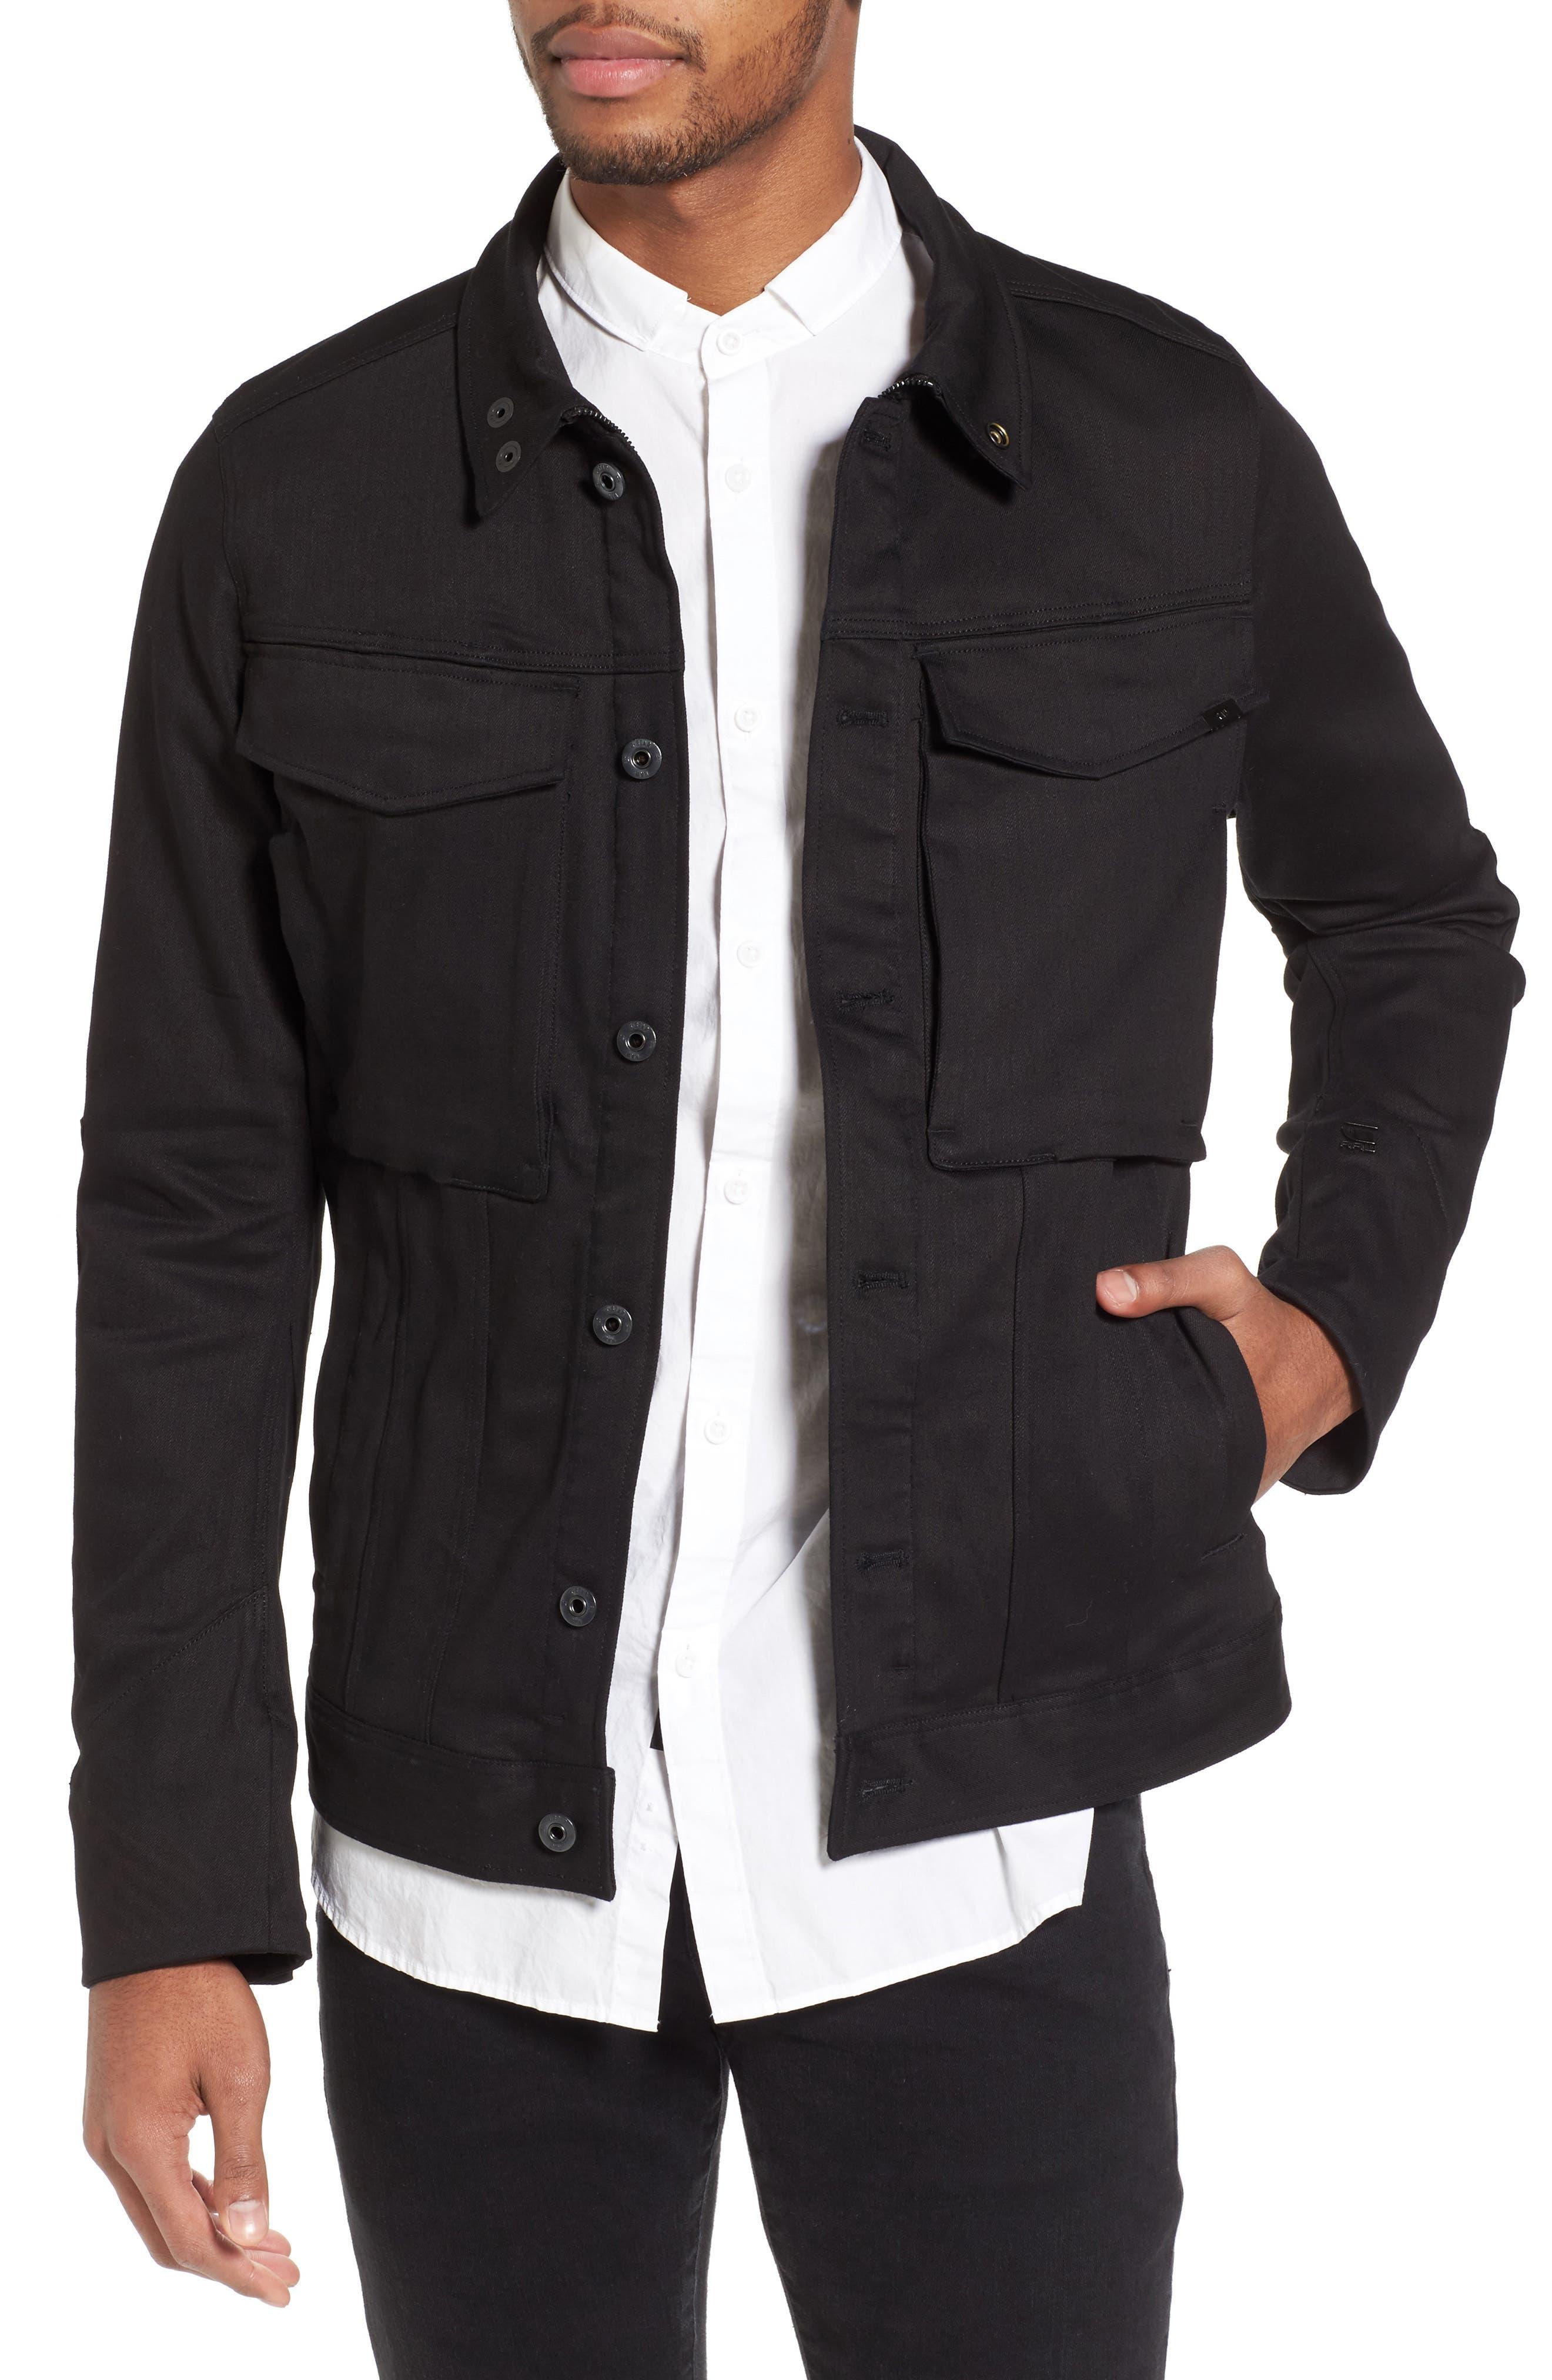 Vodan 3D Slim Jacket,                             Main thumbnail 1, color,                             401